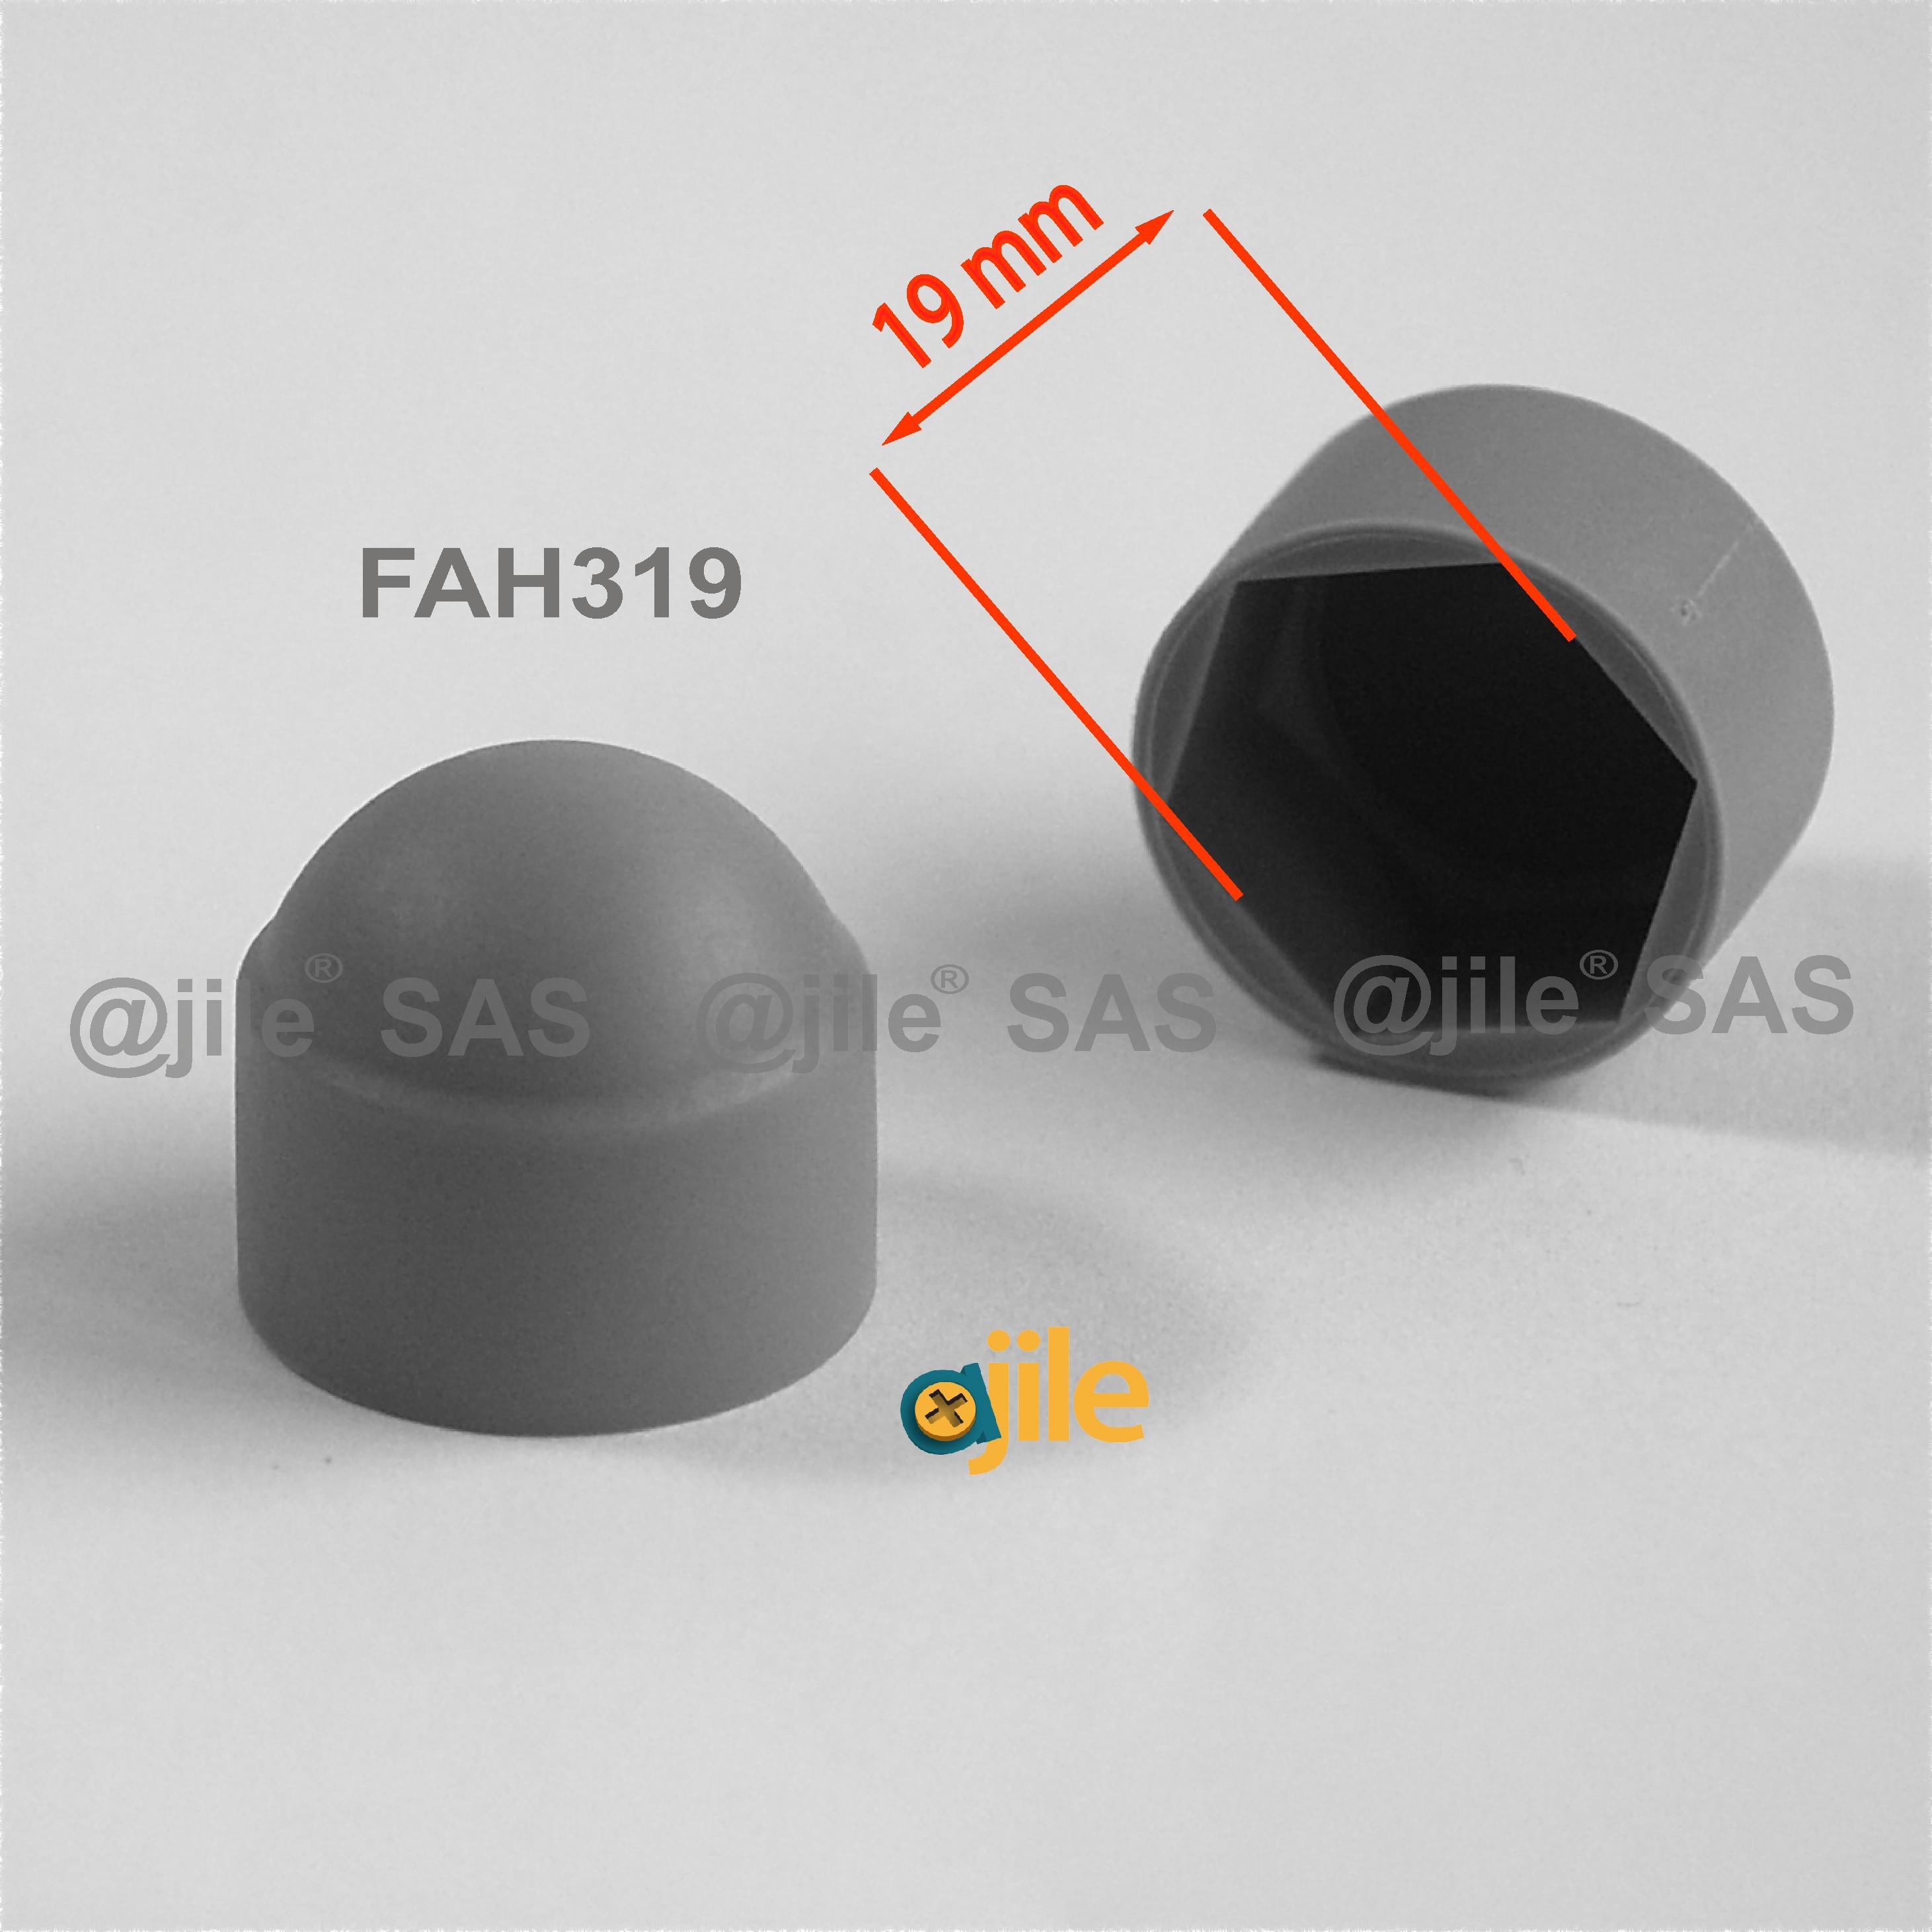 per chiavi da 10 mm Innovo M6-6 mm tappi in plastica confezione da 24